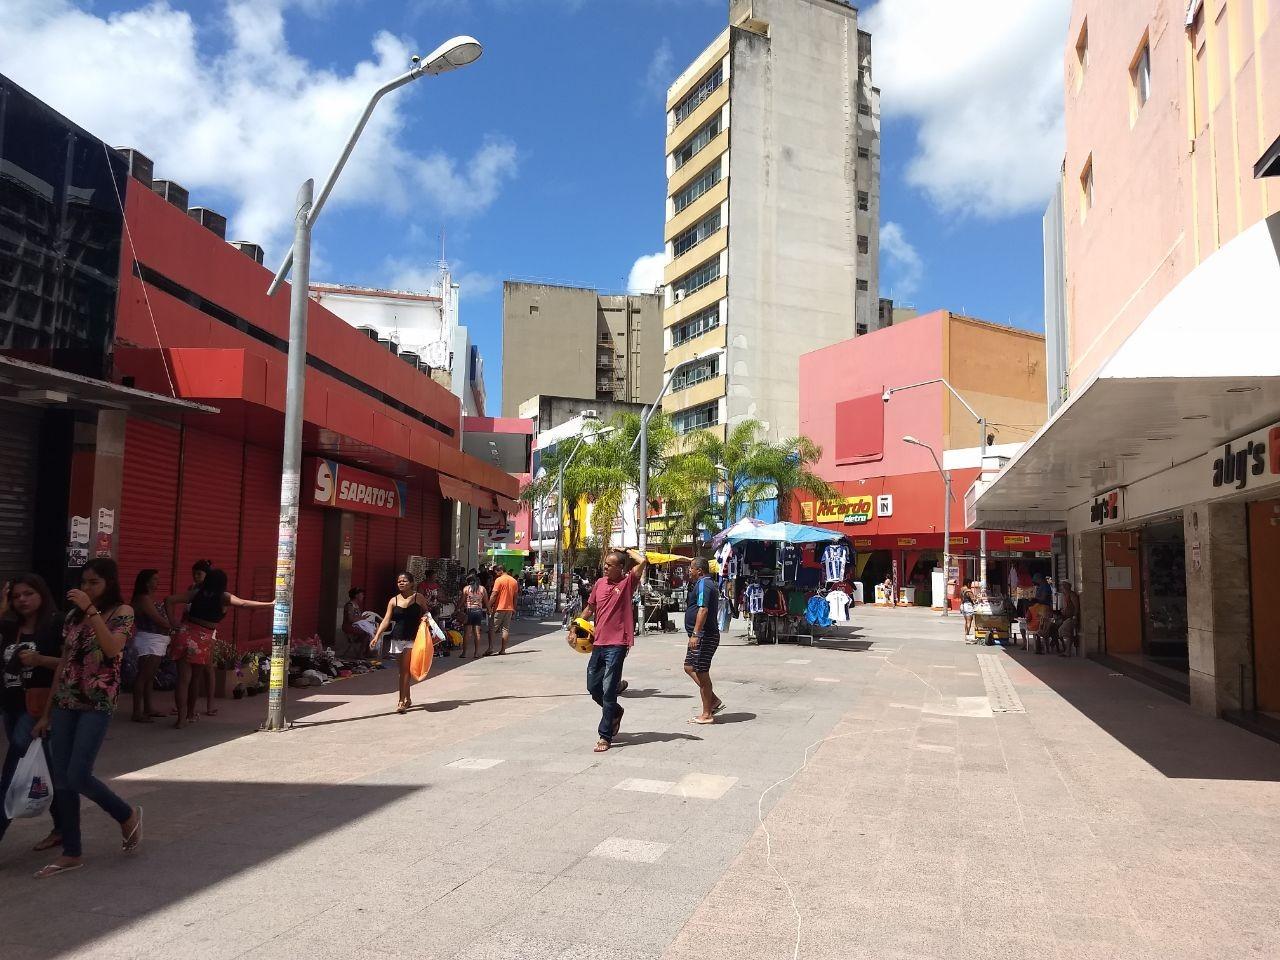 Consumo em Maceió aumentou 50% no mês de novembro, segundo Fecomércio AL - Noticias